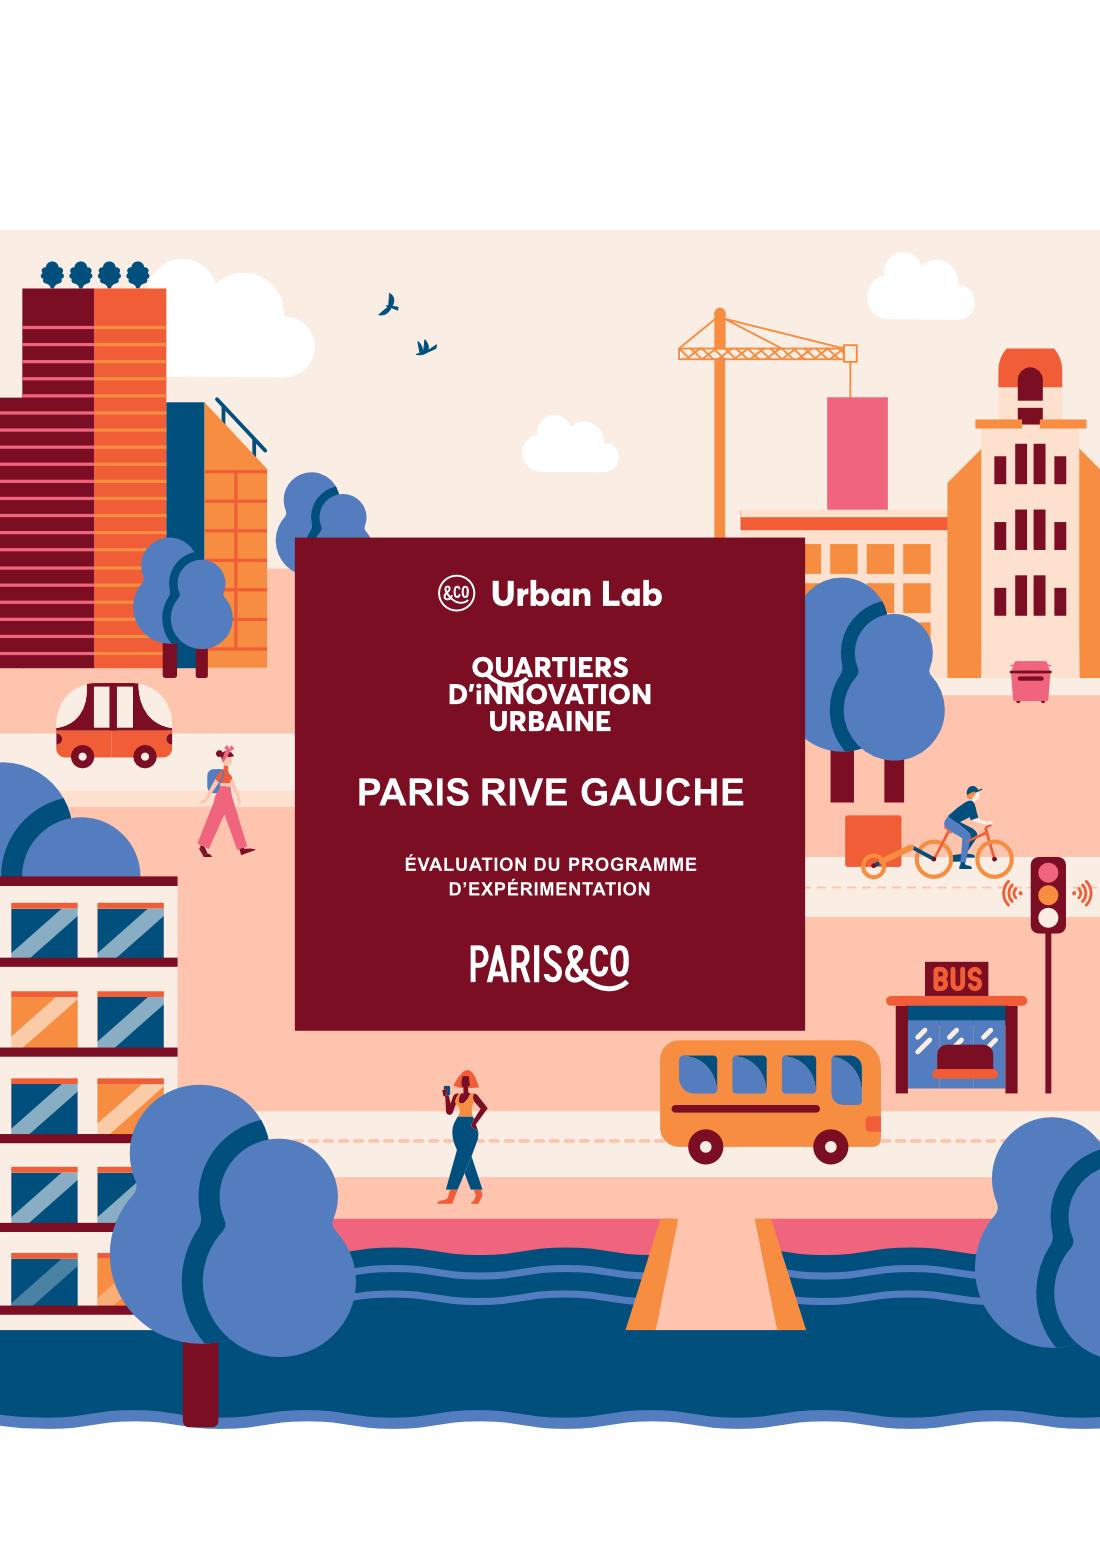 Evaluation du programme Quartiers d'Innovation Urbaine Paris Rive Gauche